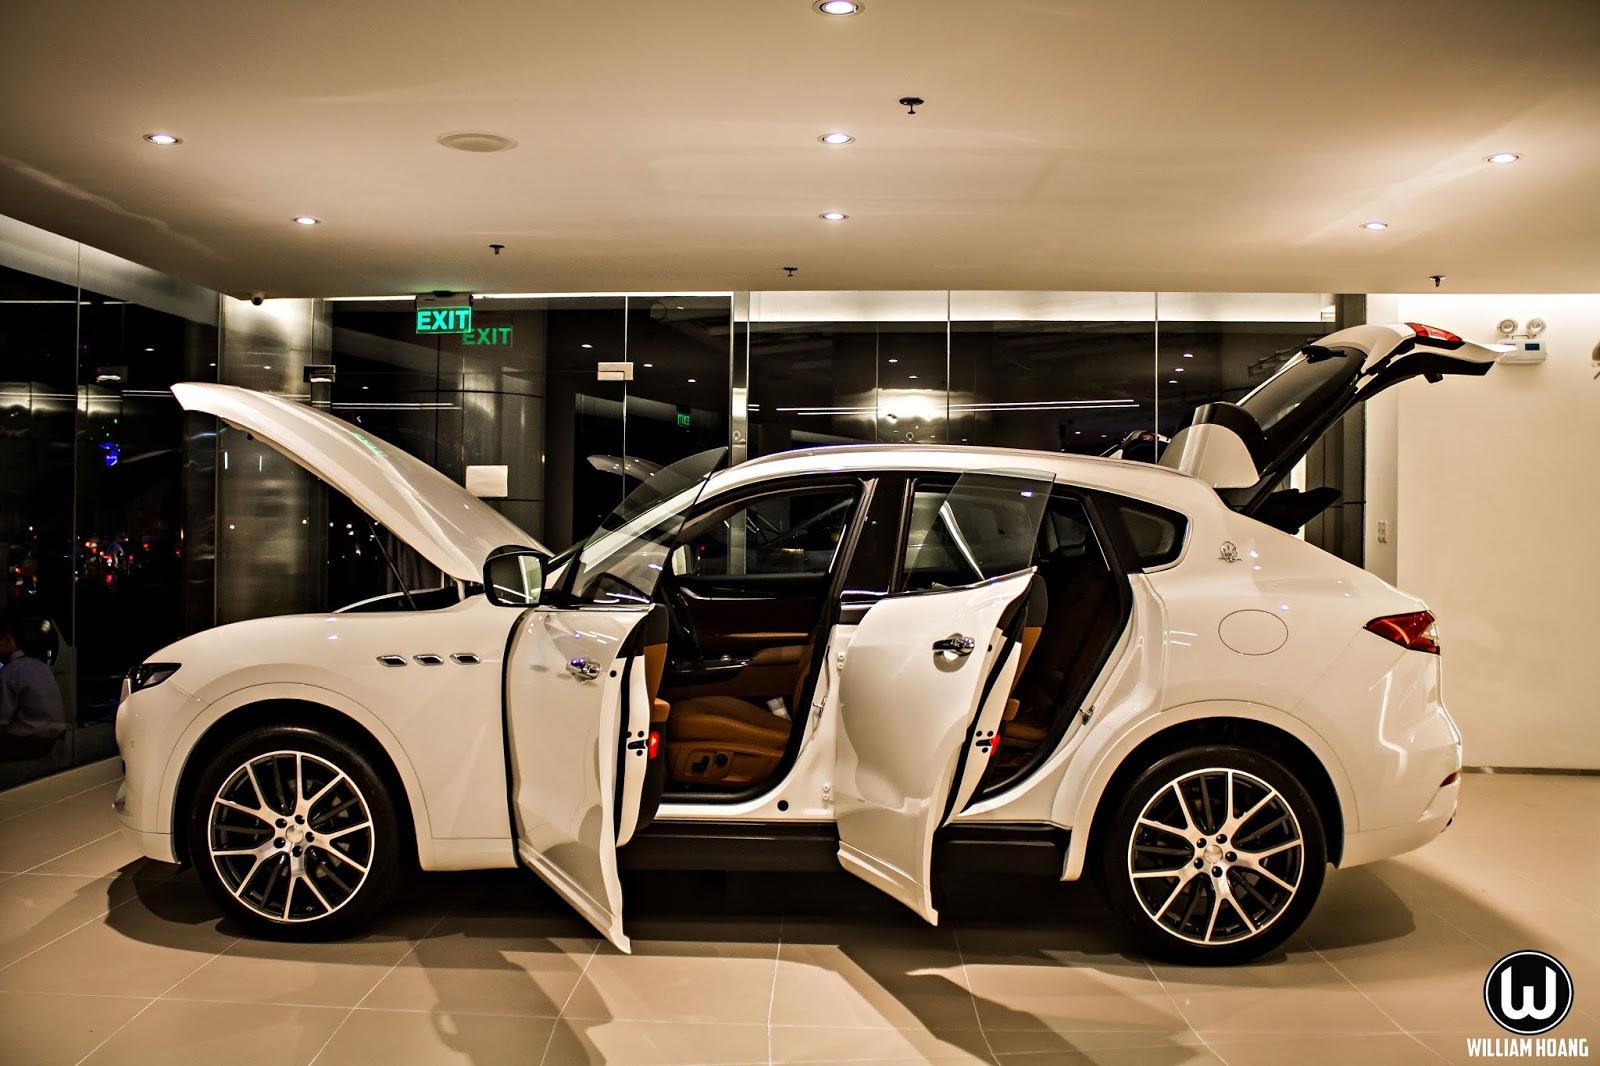 Maserati Levante kỳ vọng là chiếc SUV được săn đón nhất trong thời gian tới